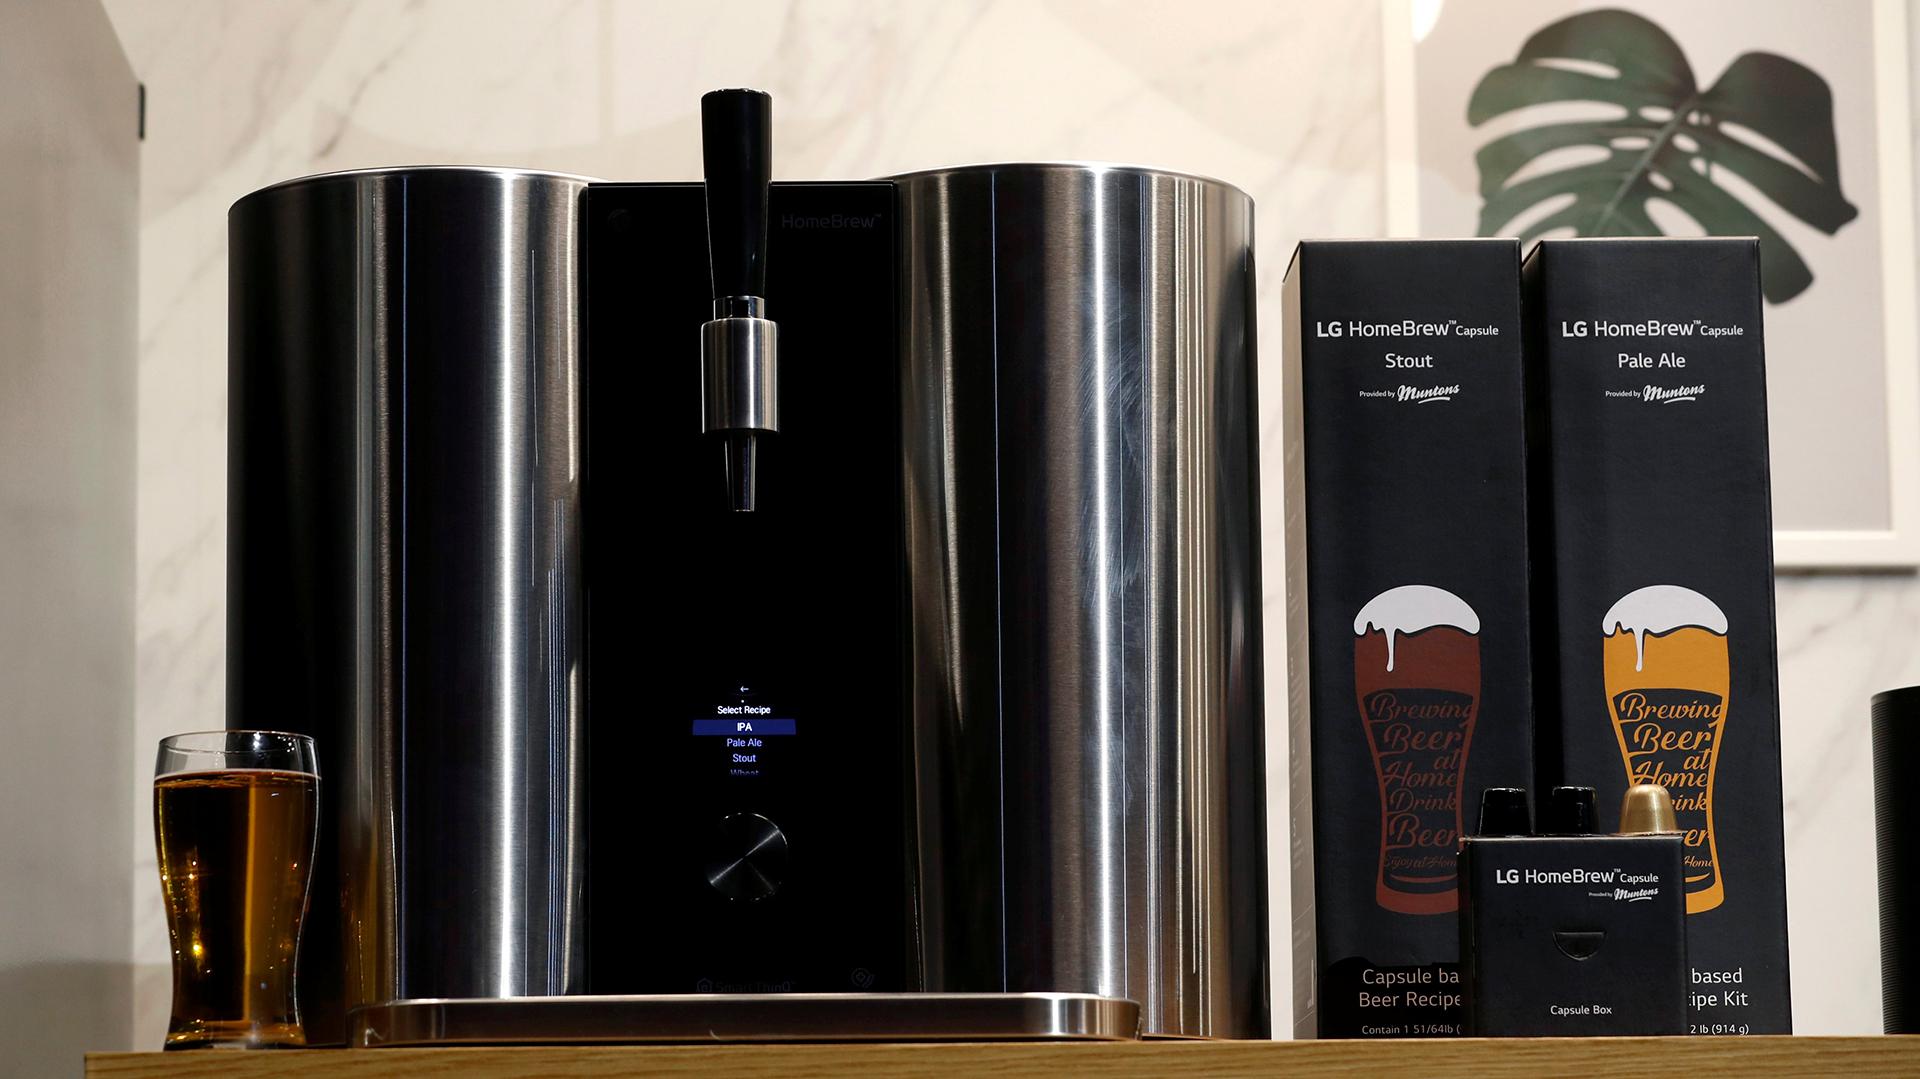 HomeBrew de LG, la máquina para hacer cerveza casera con cápsulas (Reuters)